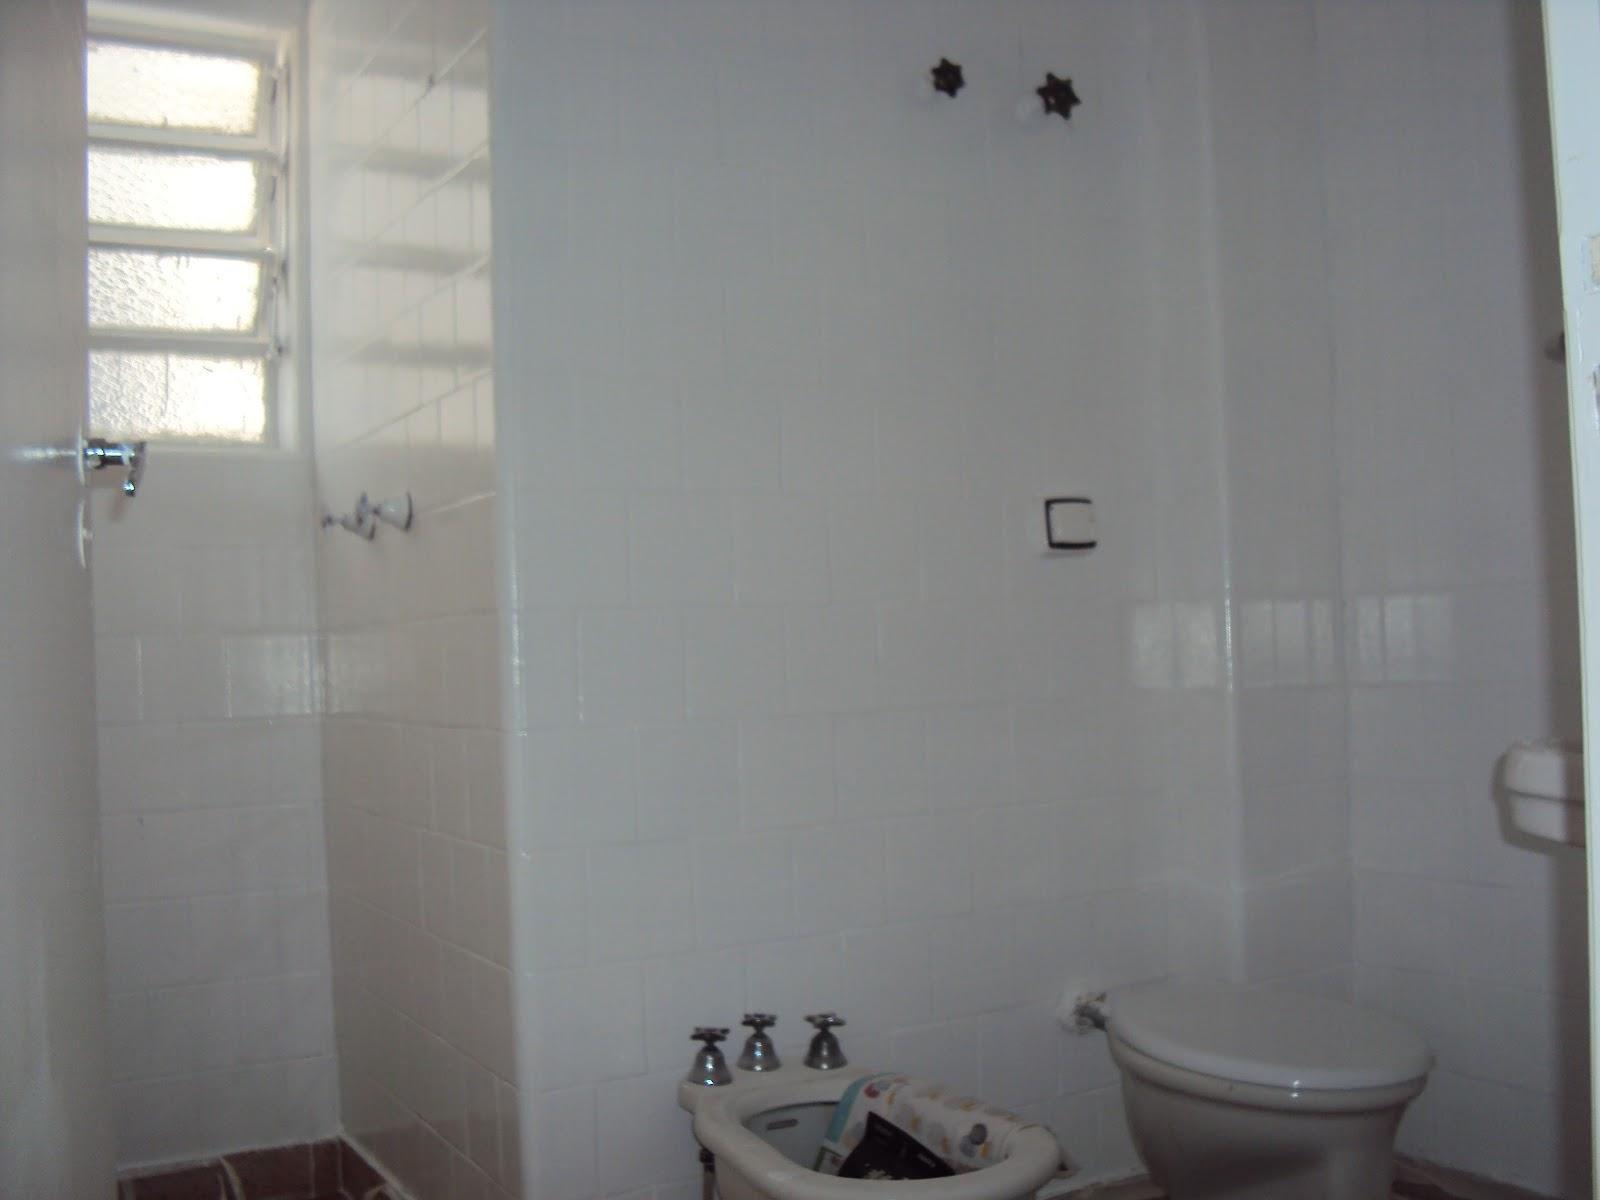 sifão antigo foi embora! Troquei por este cromado mais  #5C6F6F 1600x1200 Banheiro Azulejo Ou Tinta